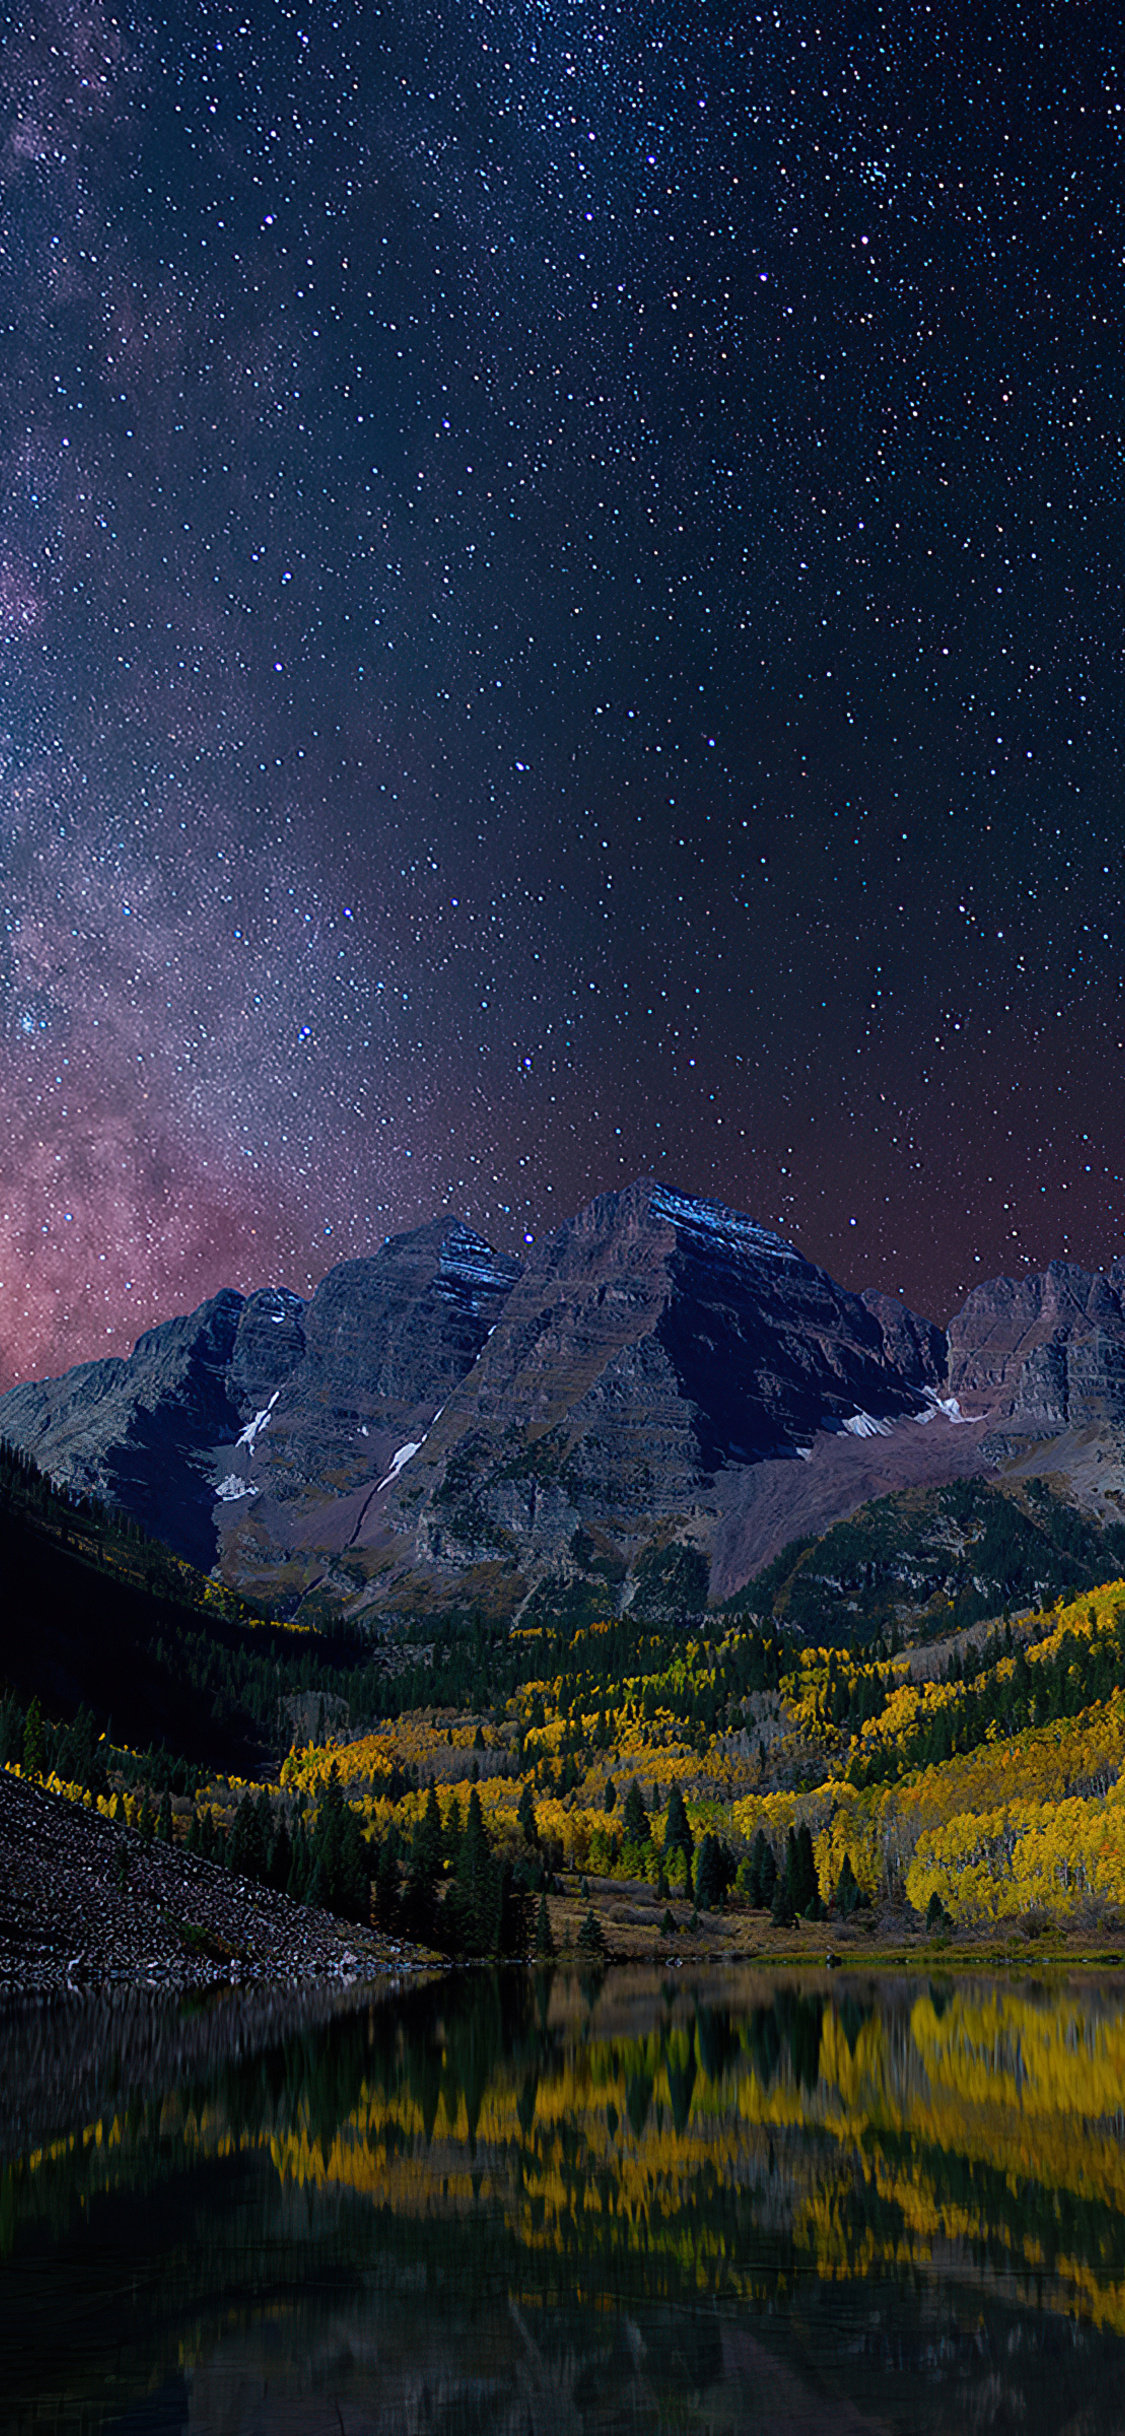 milky-way-on-starry-night-landscape-4k-vk.jpg